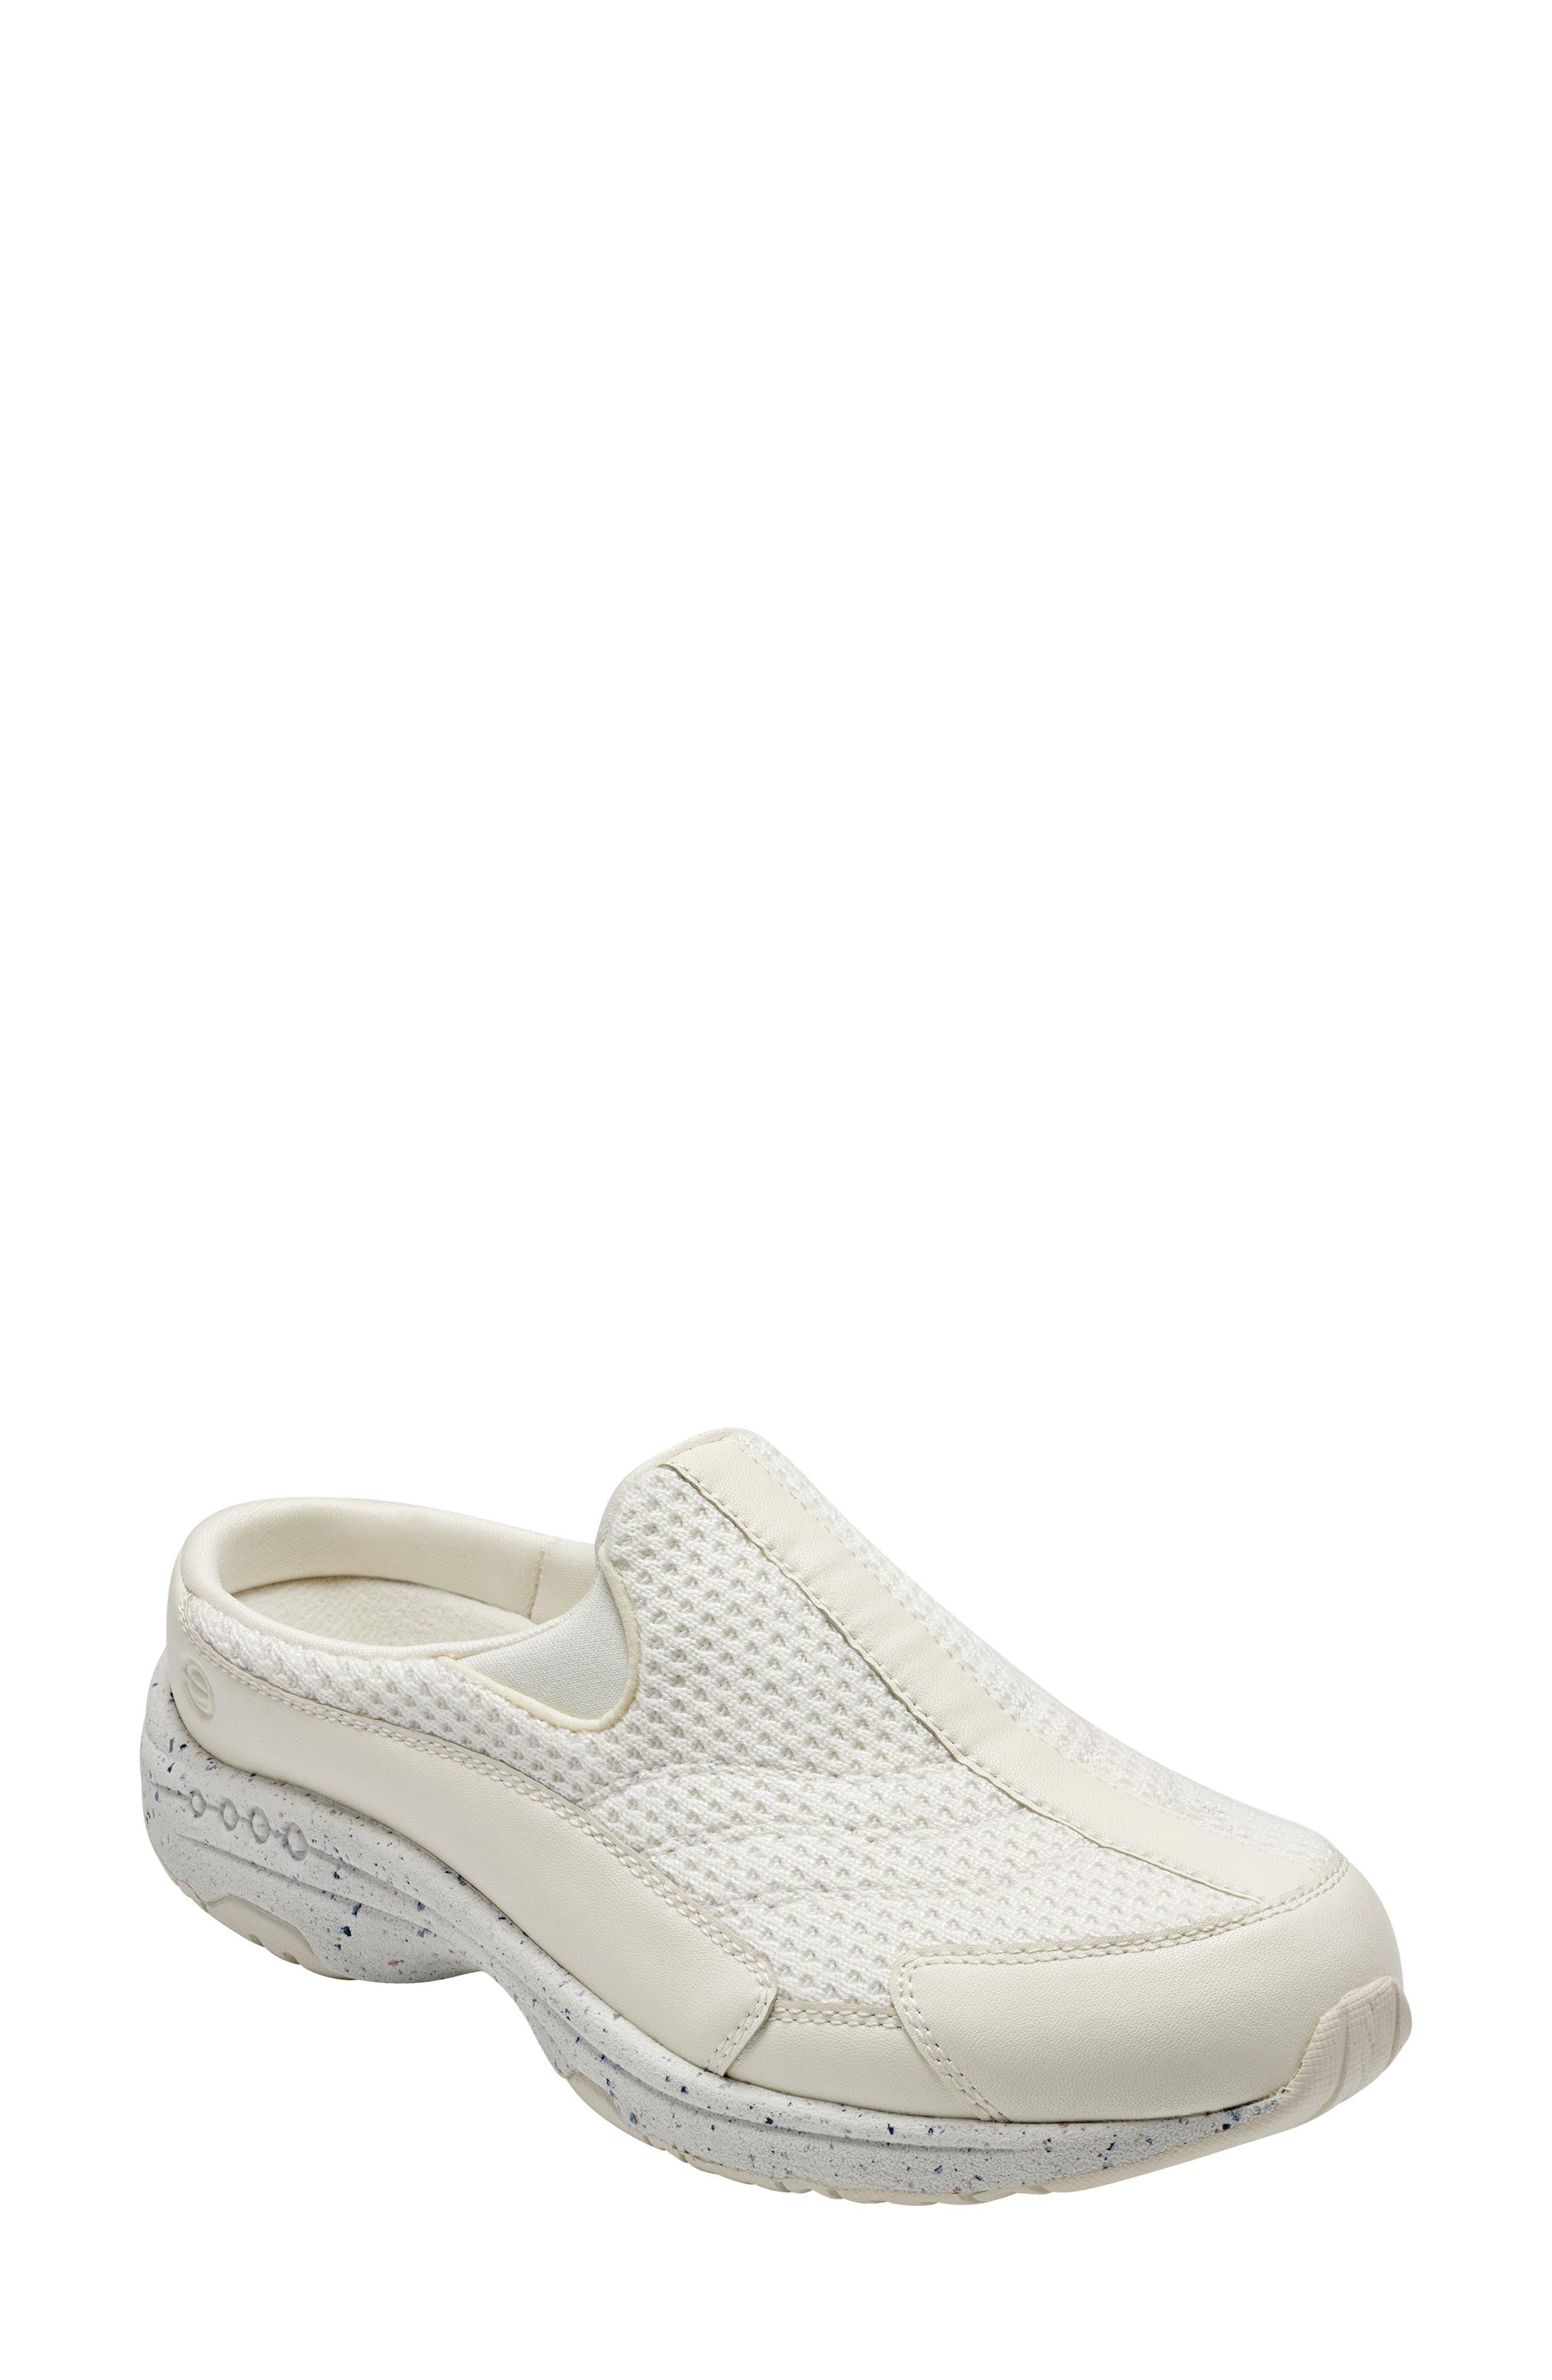 Women's Easy Spirt Traveltime Slip-On Sneaker